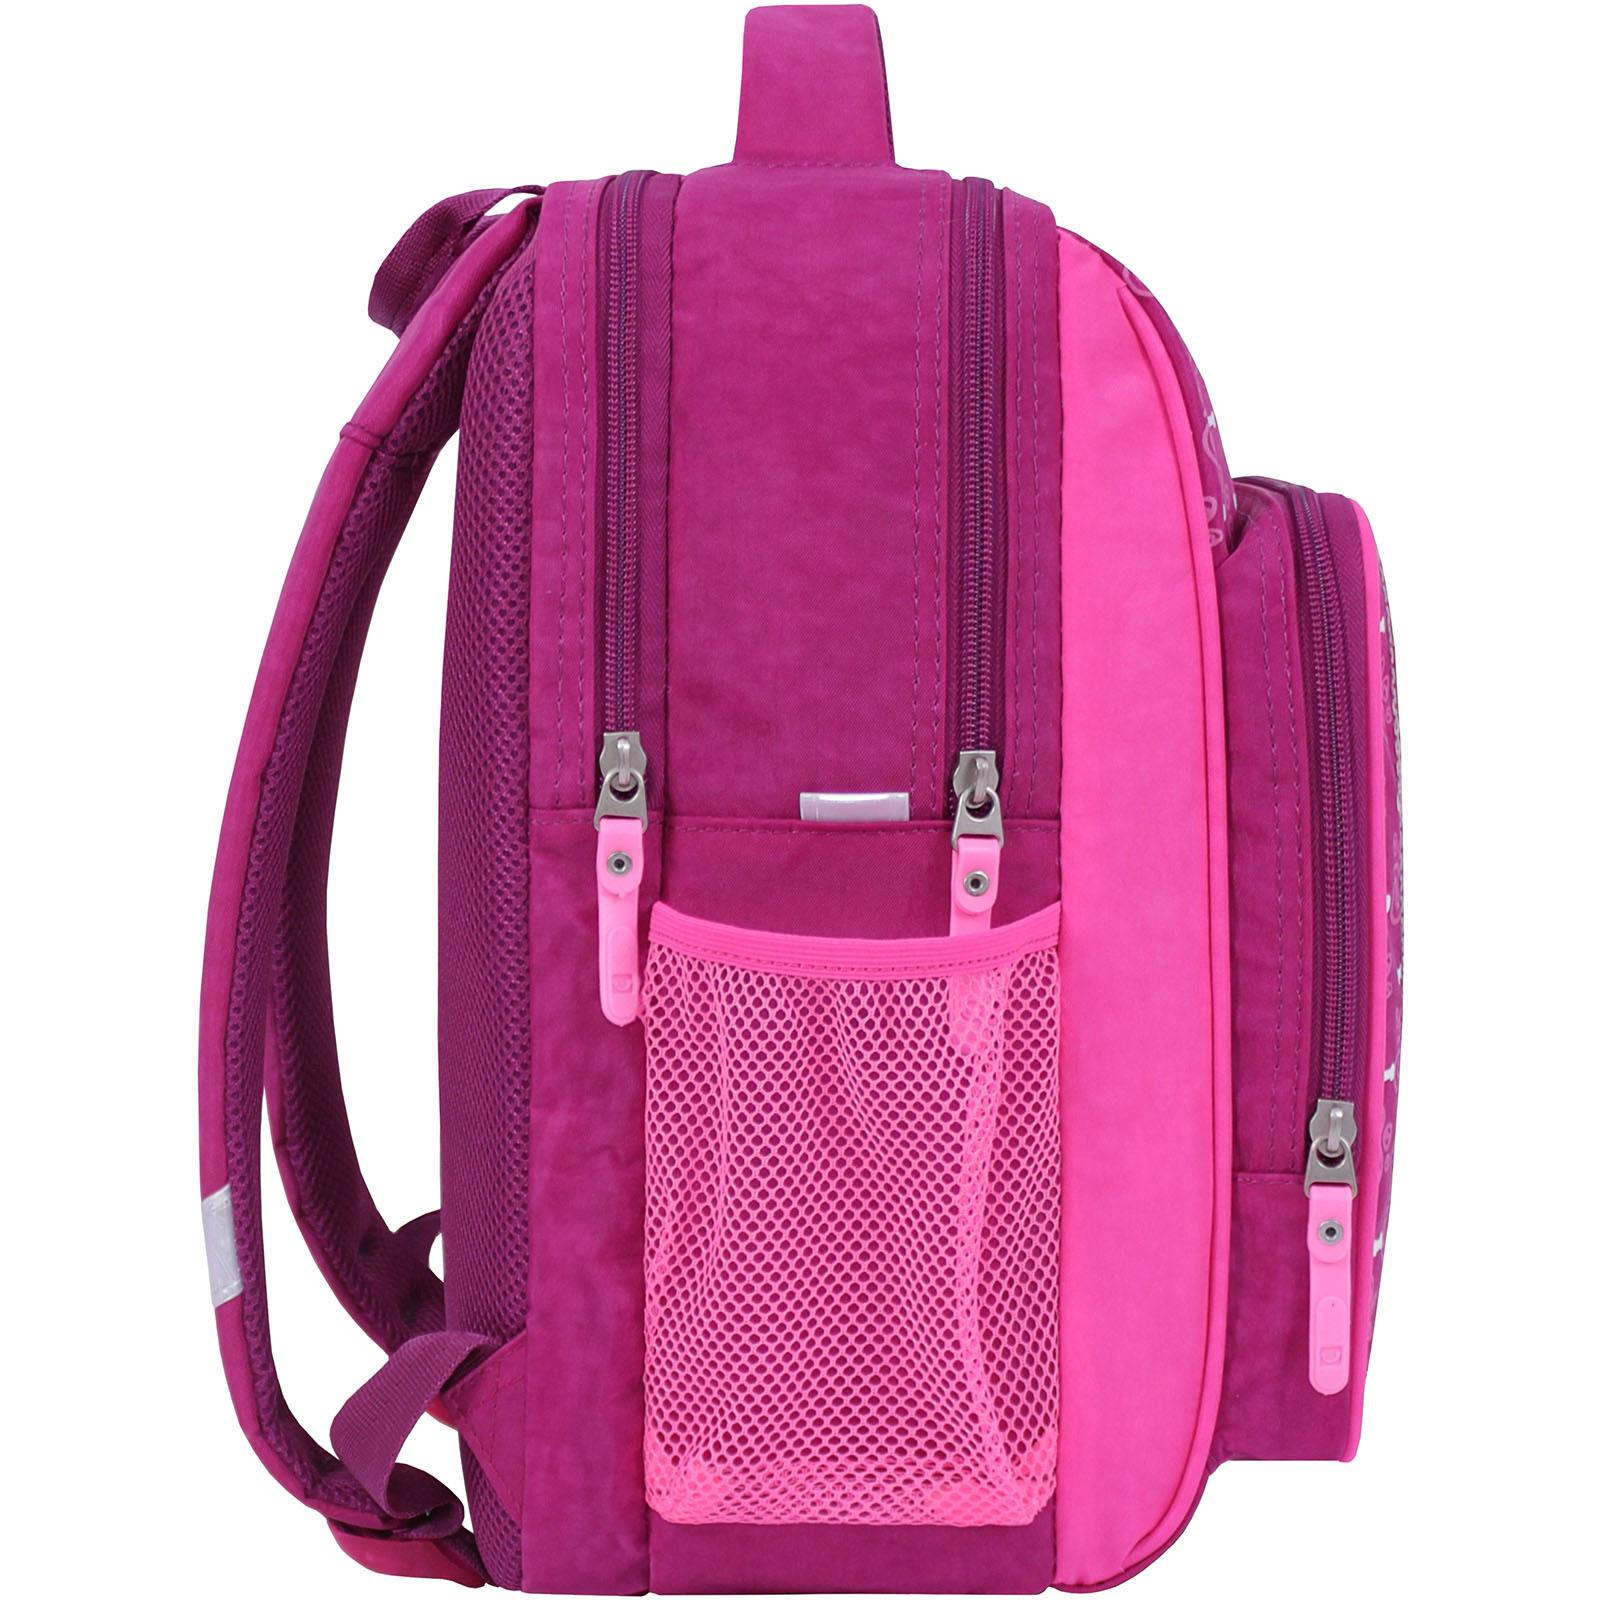 Рюкзак школьный Bagland Школьник 8 л. 143 малиновый 593 (0012870) фото 2